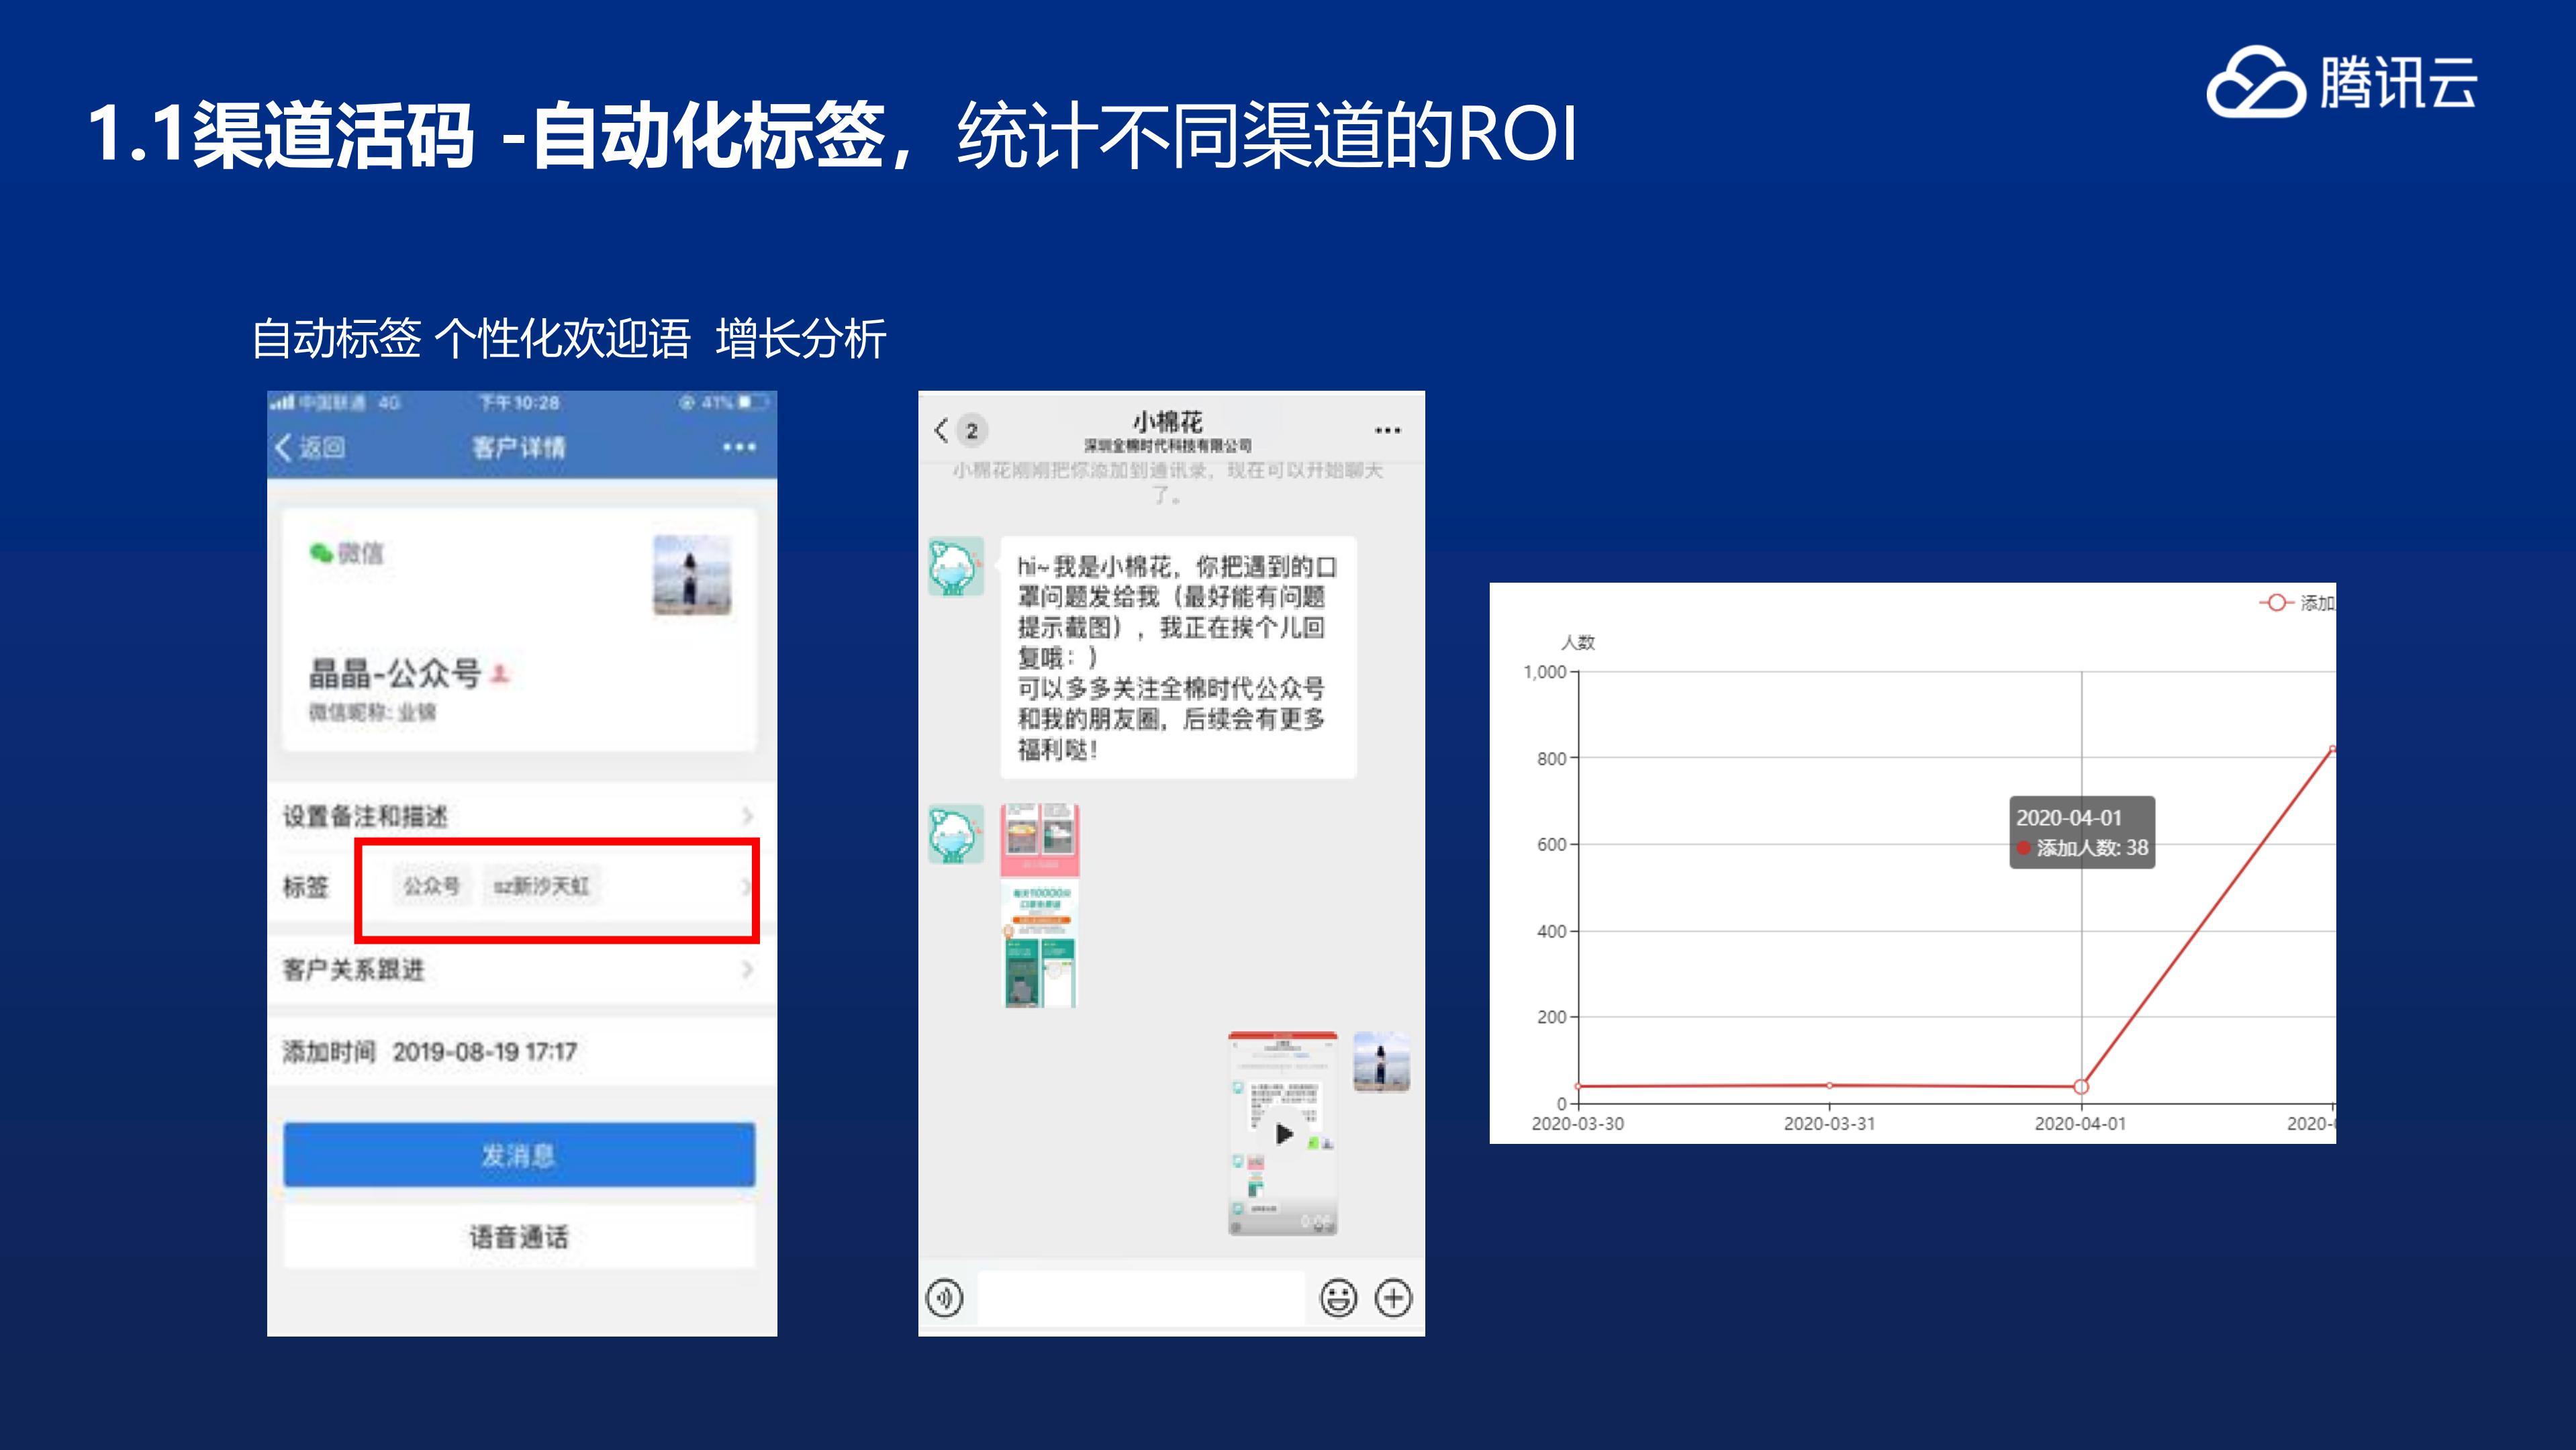 腾讯云企微管家产品介绍_08.jpg